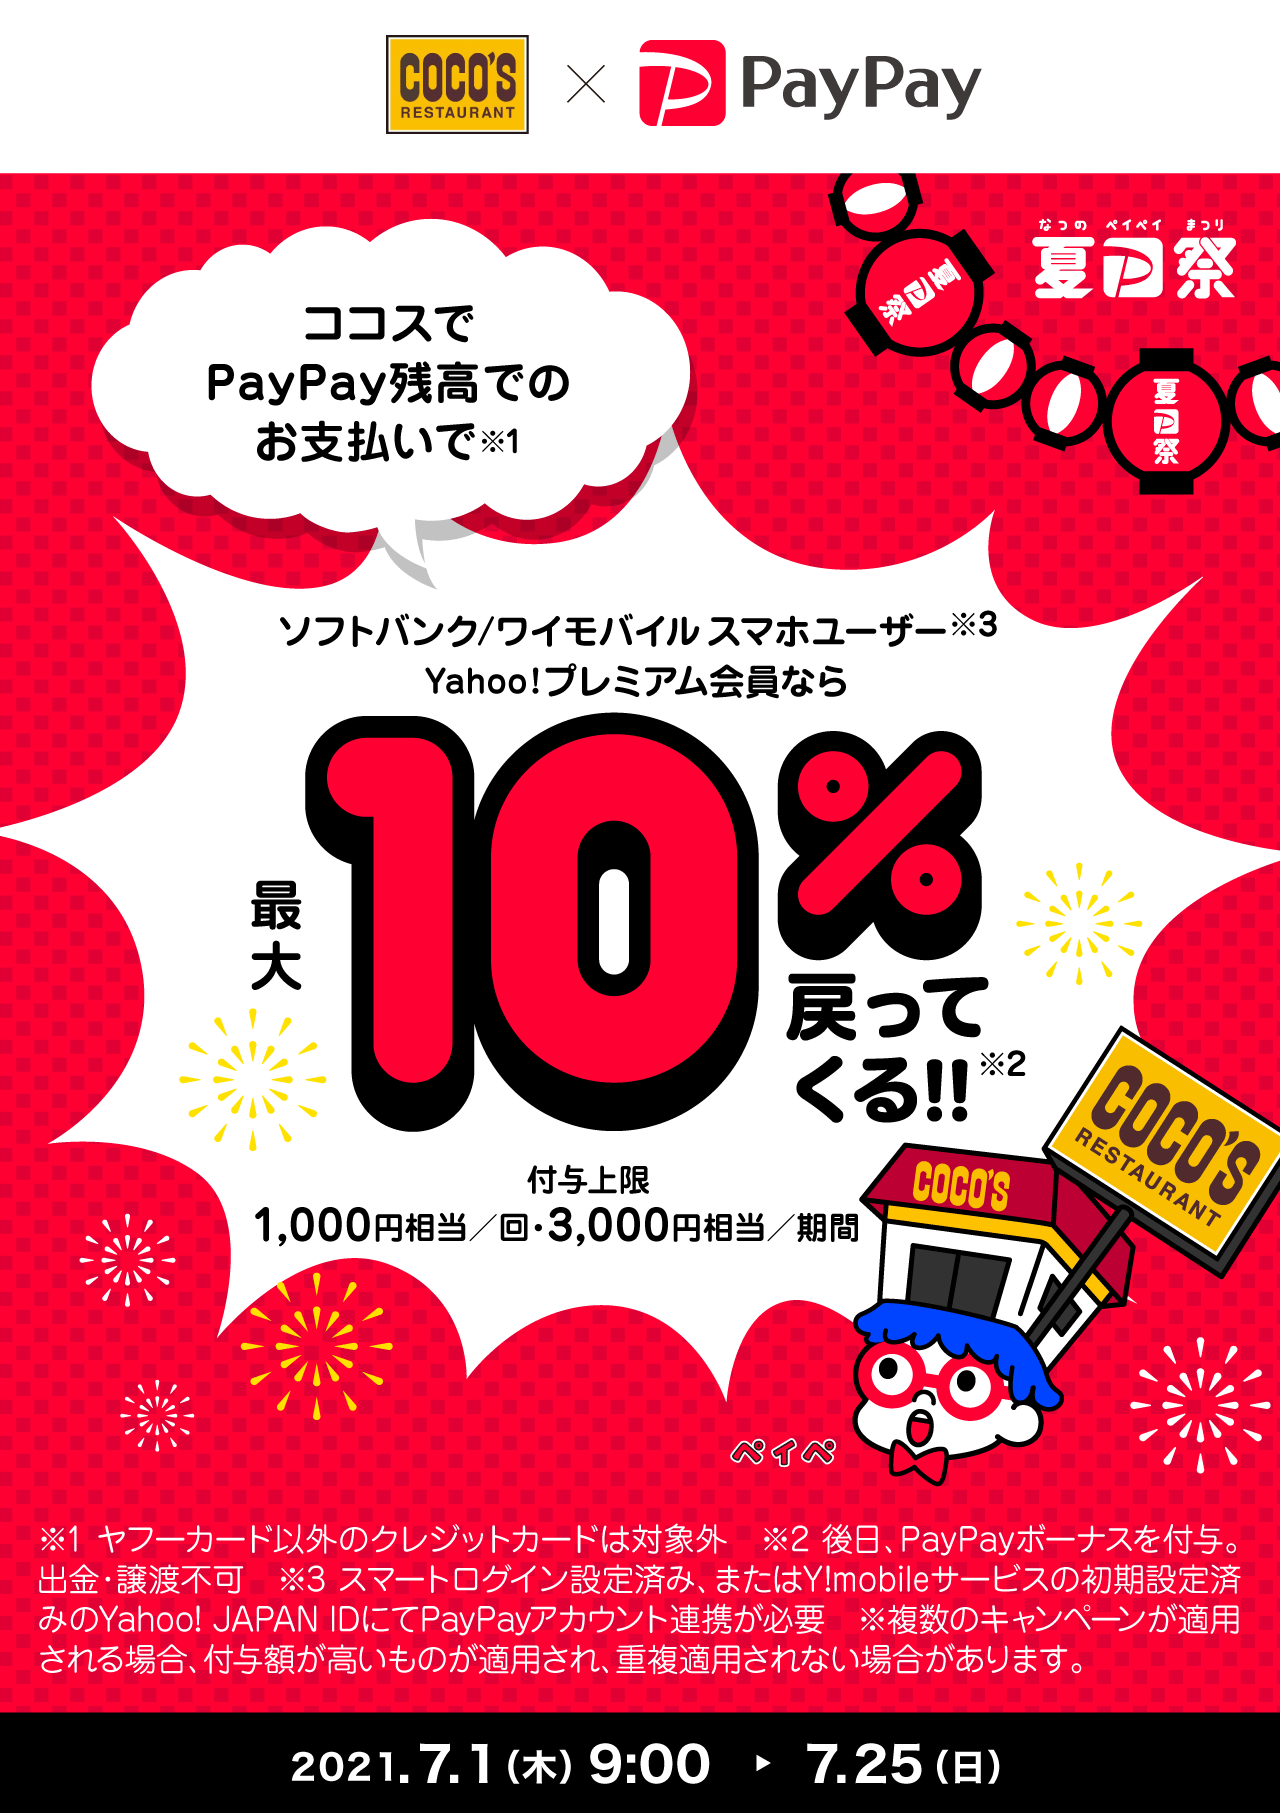 ココスでPayPay残高でのお支払いで最大10%戻ってくる!!